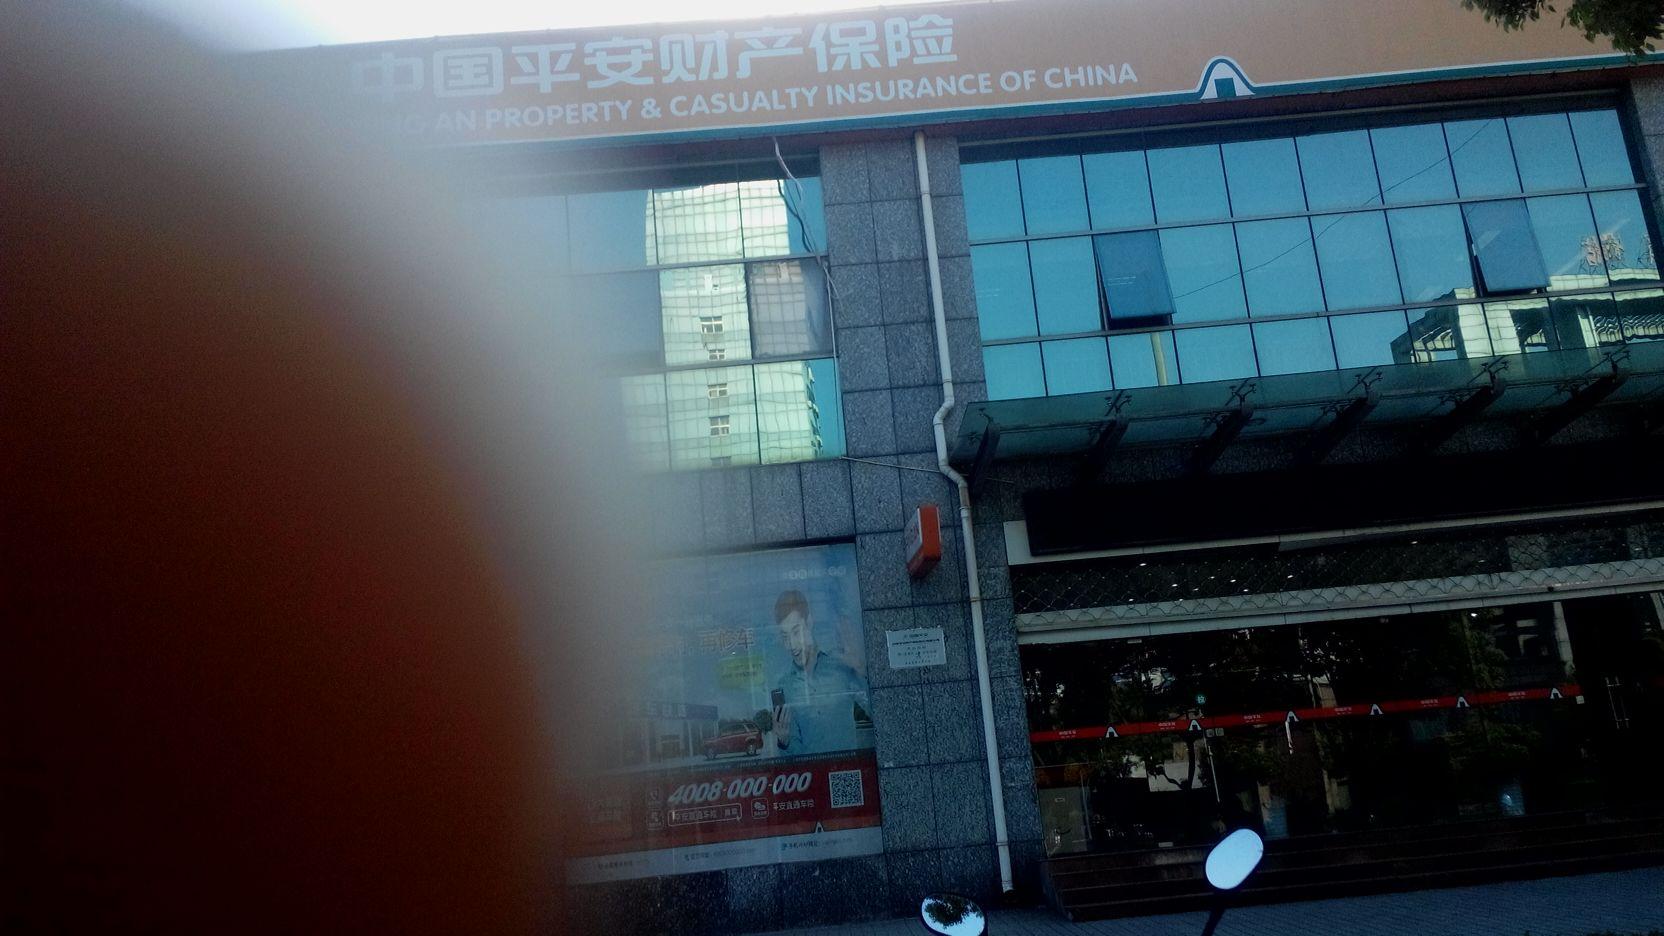 平安财险(泰州中心支公司)